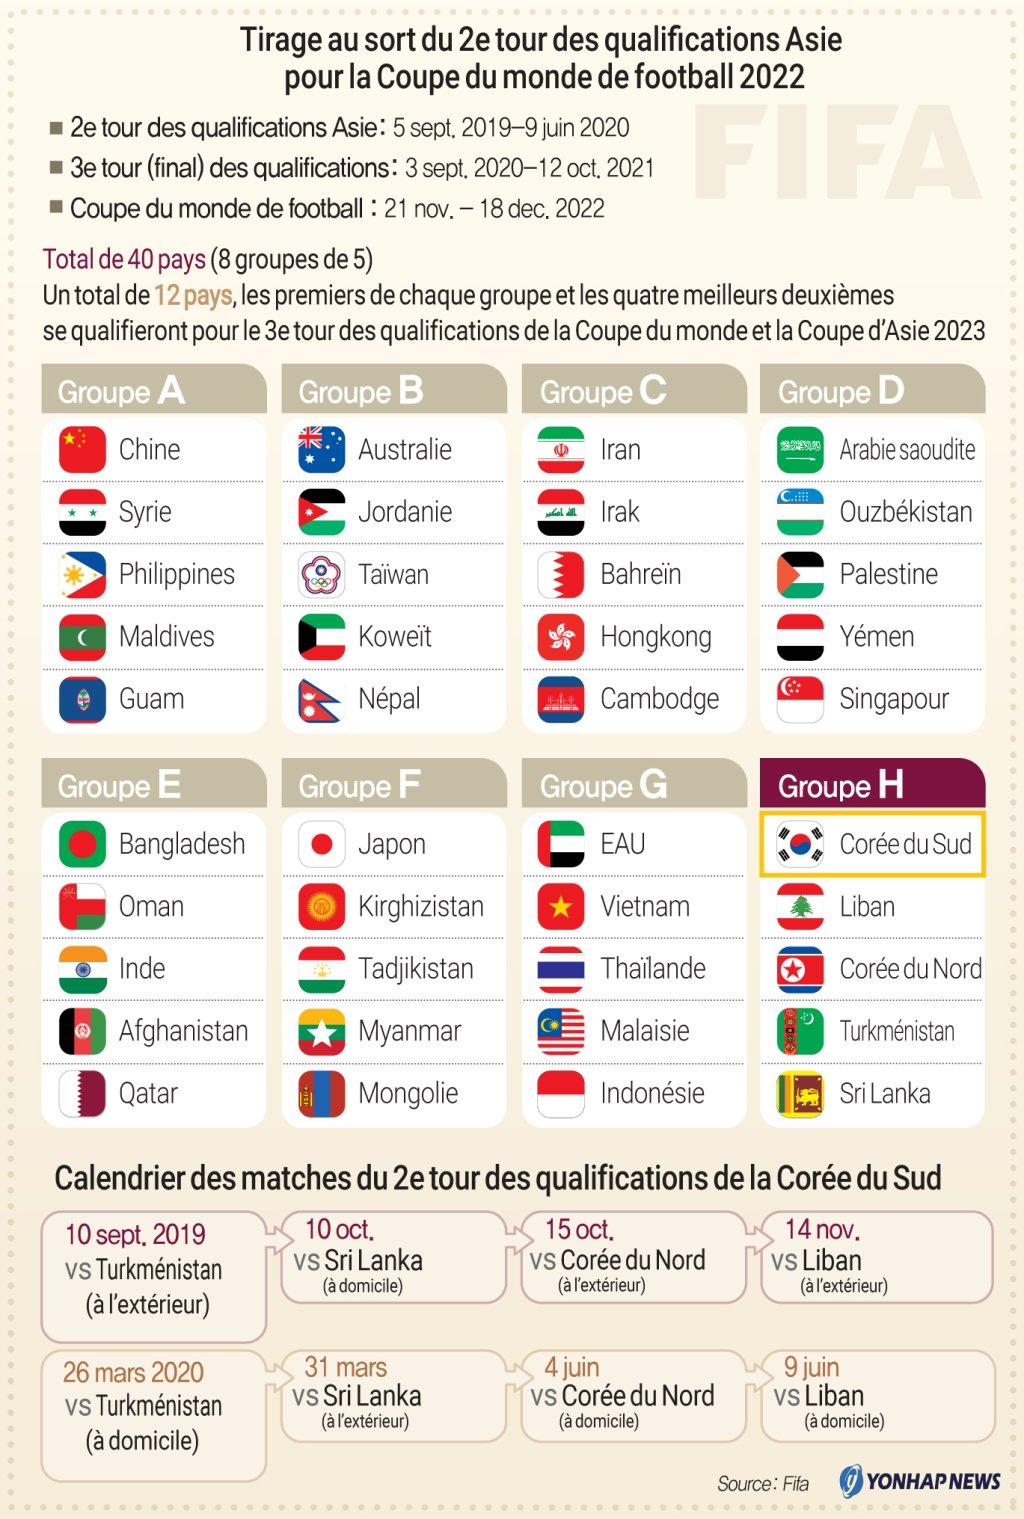 Calendrier Qualification Coupe Du Monde.Tirage Au Sort Du 2e Tour Des Qualifications Asie Pour La